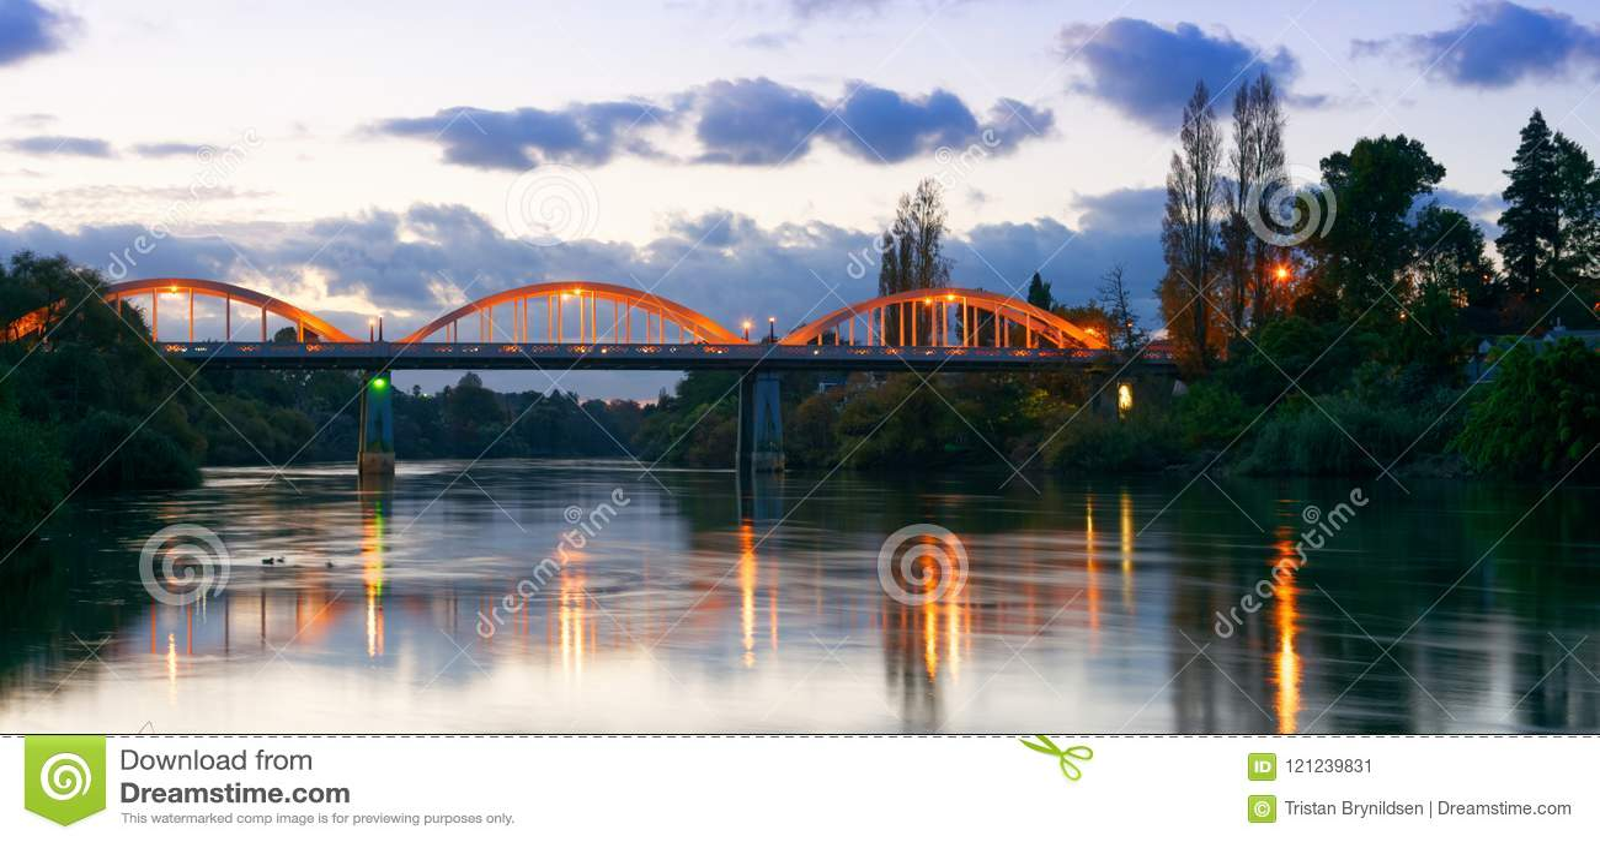 Półmrok wzdłuż Waikato rzeki w Hamilton, Nowa Zelandia